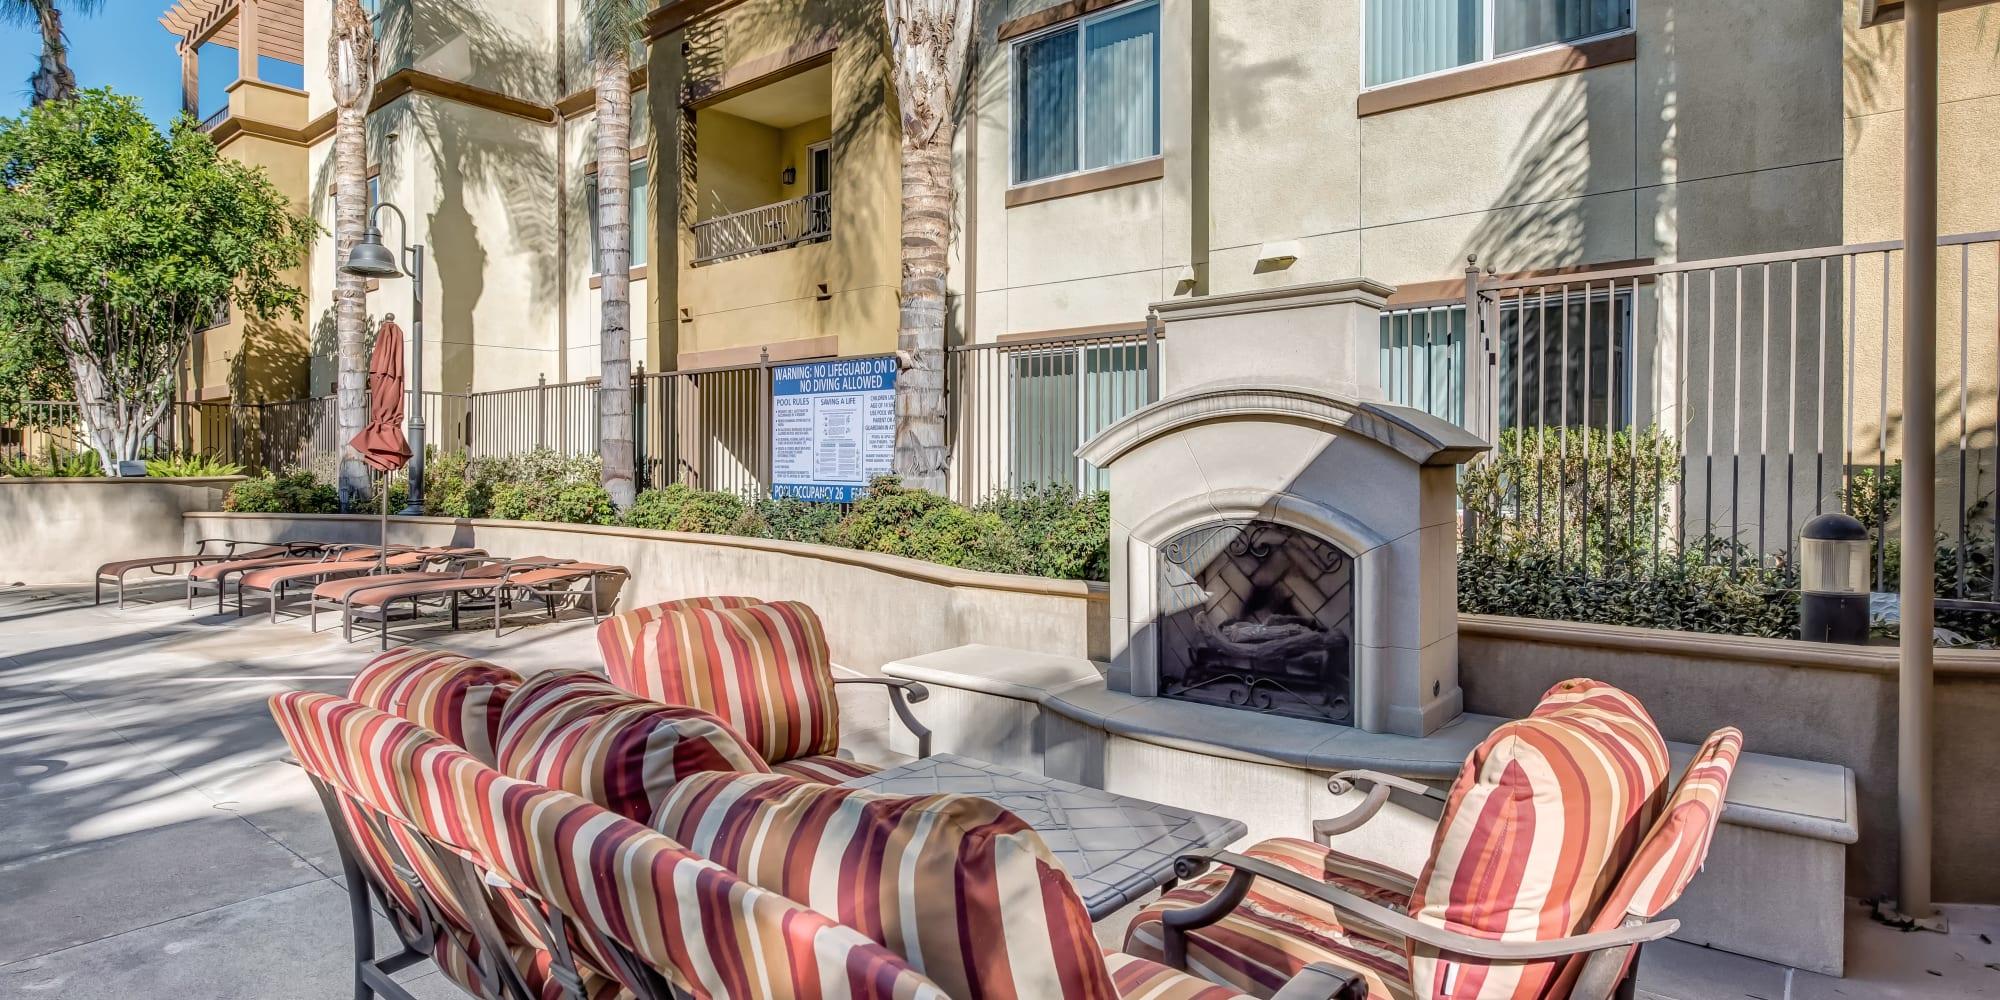 Apartments at Sofi at Topanga Canyon in Chatsworth, California